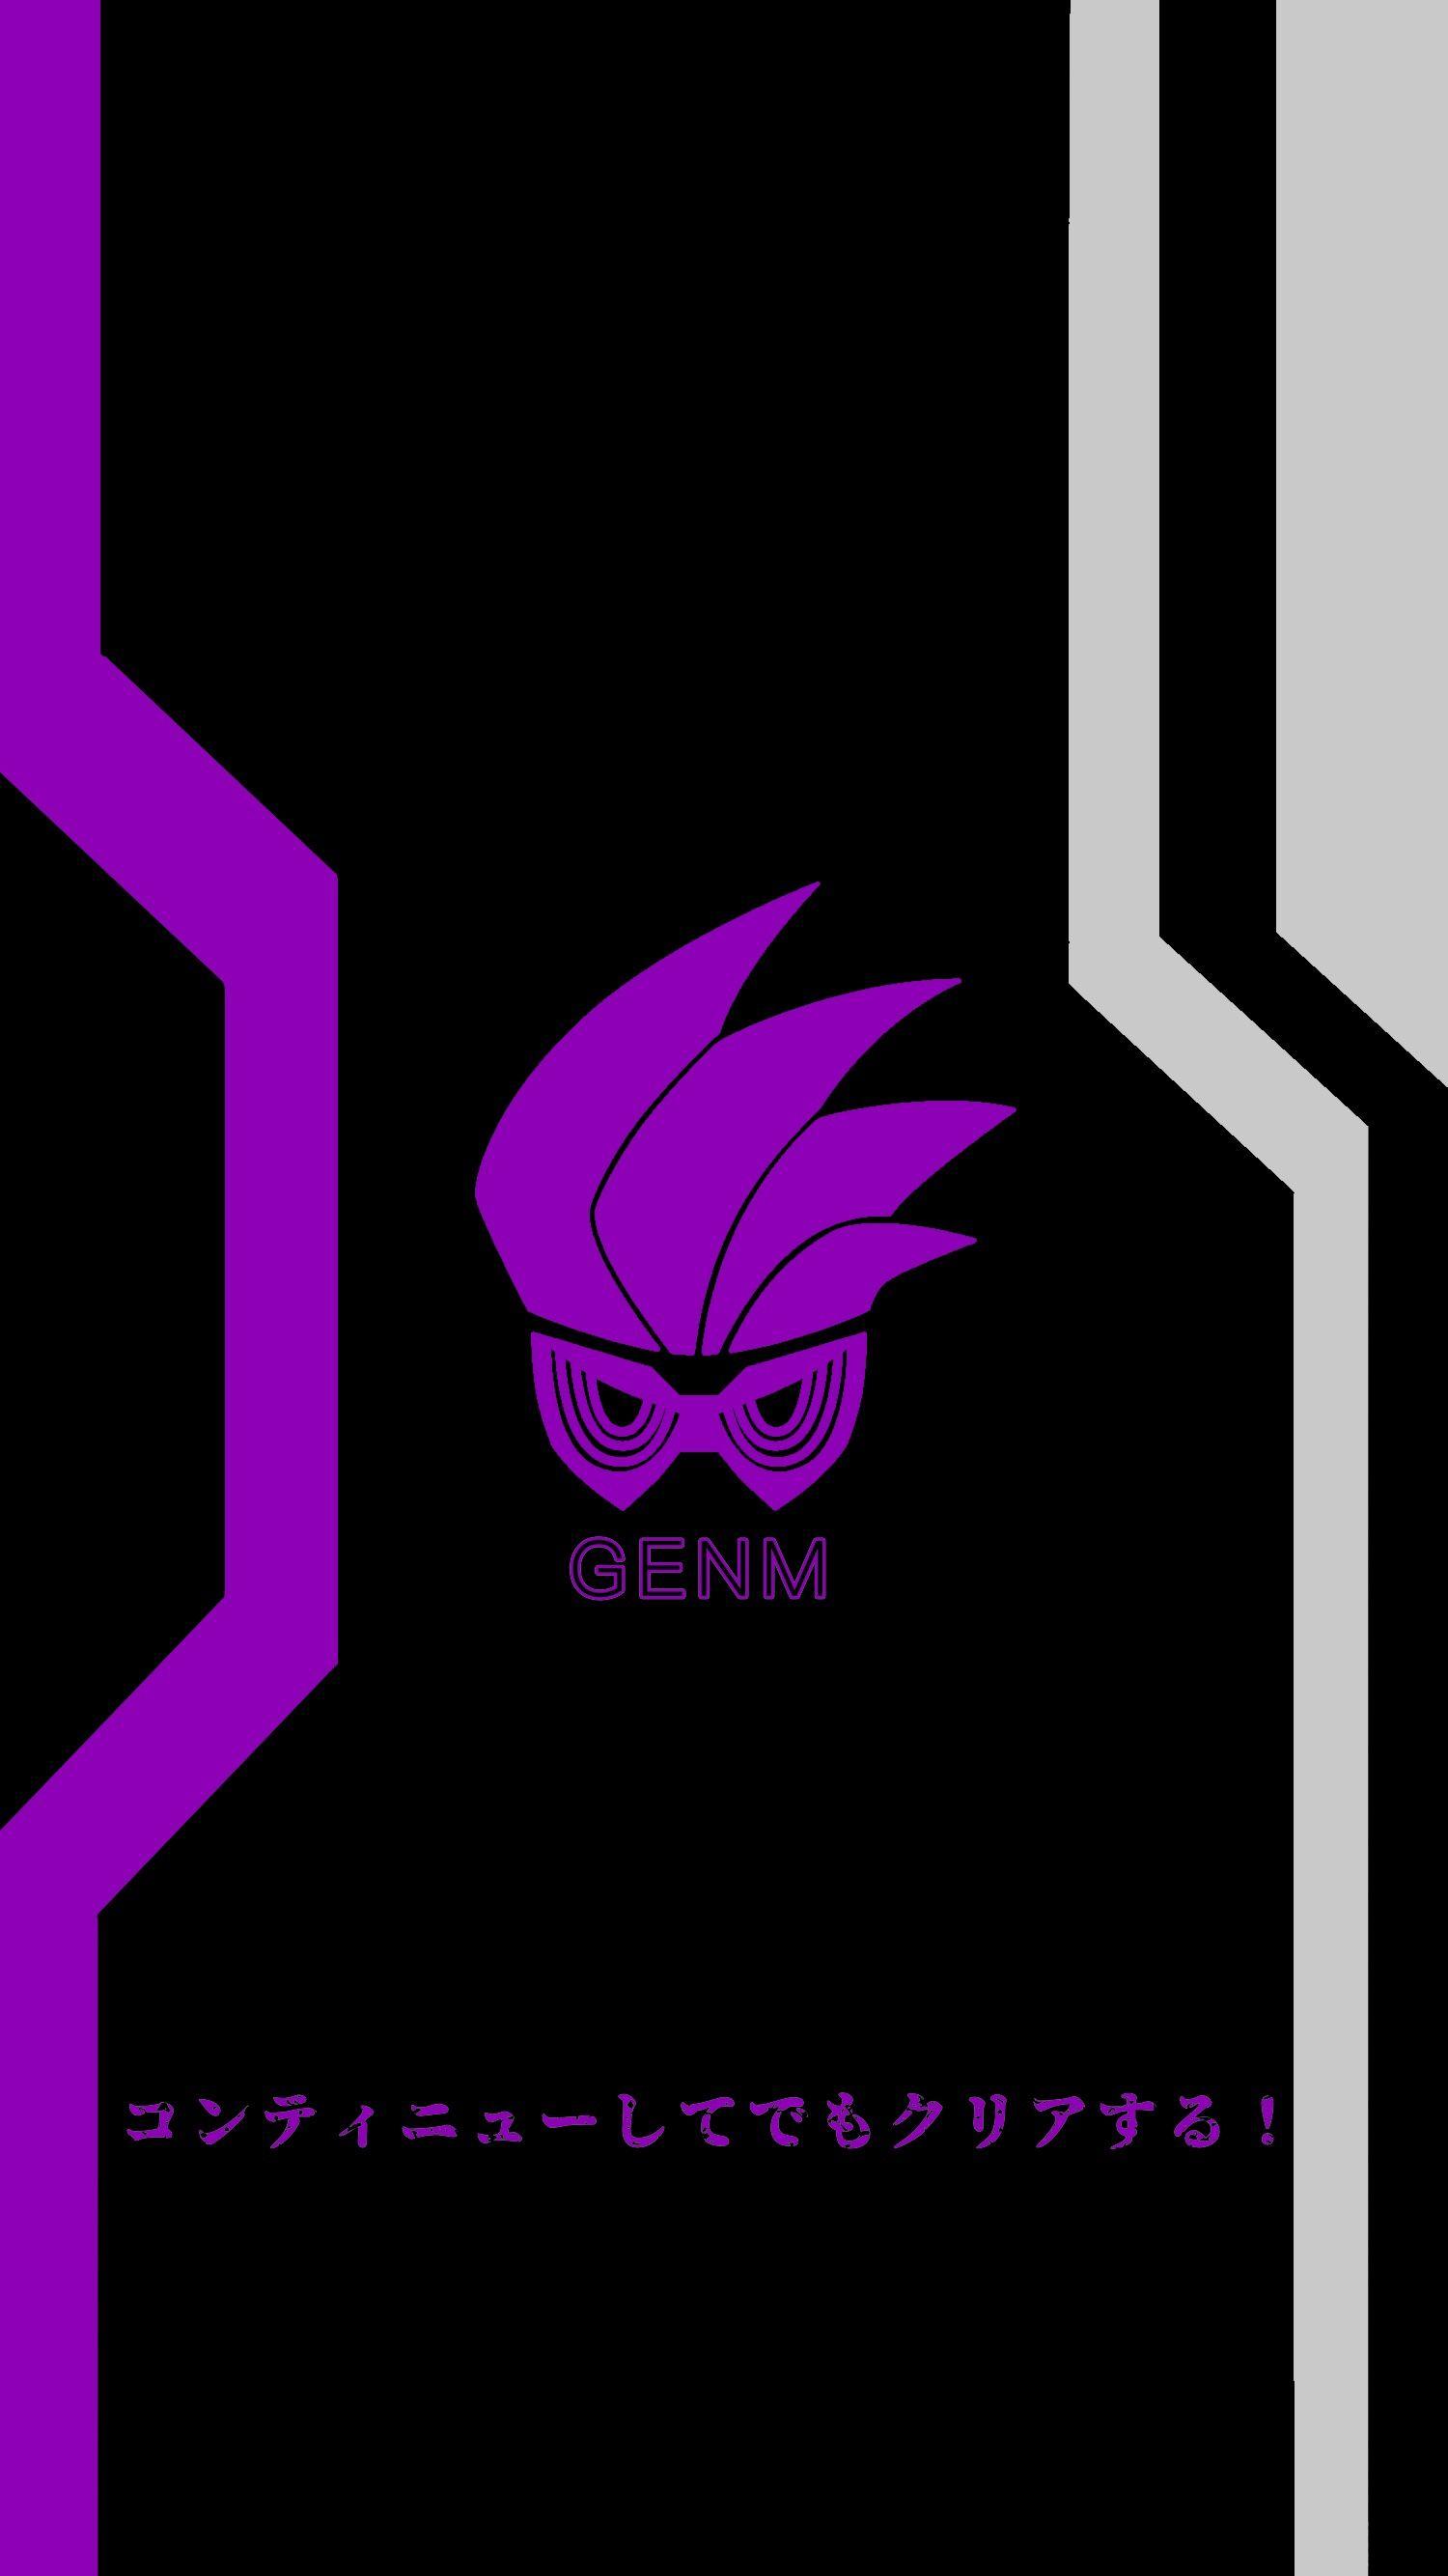 Kamen Rider Genm 仮面 イラスト 仮面ライダー ライダー